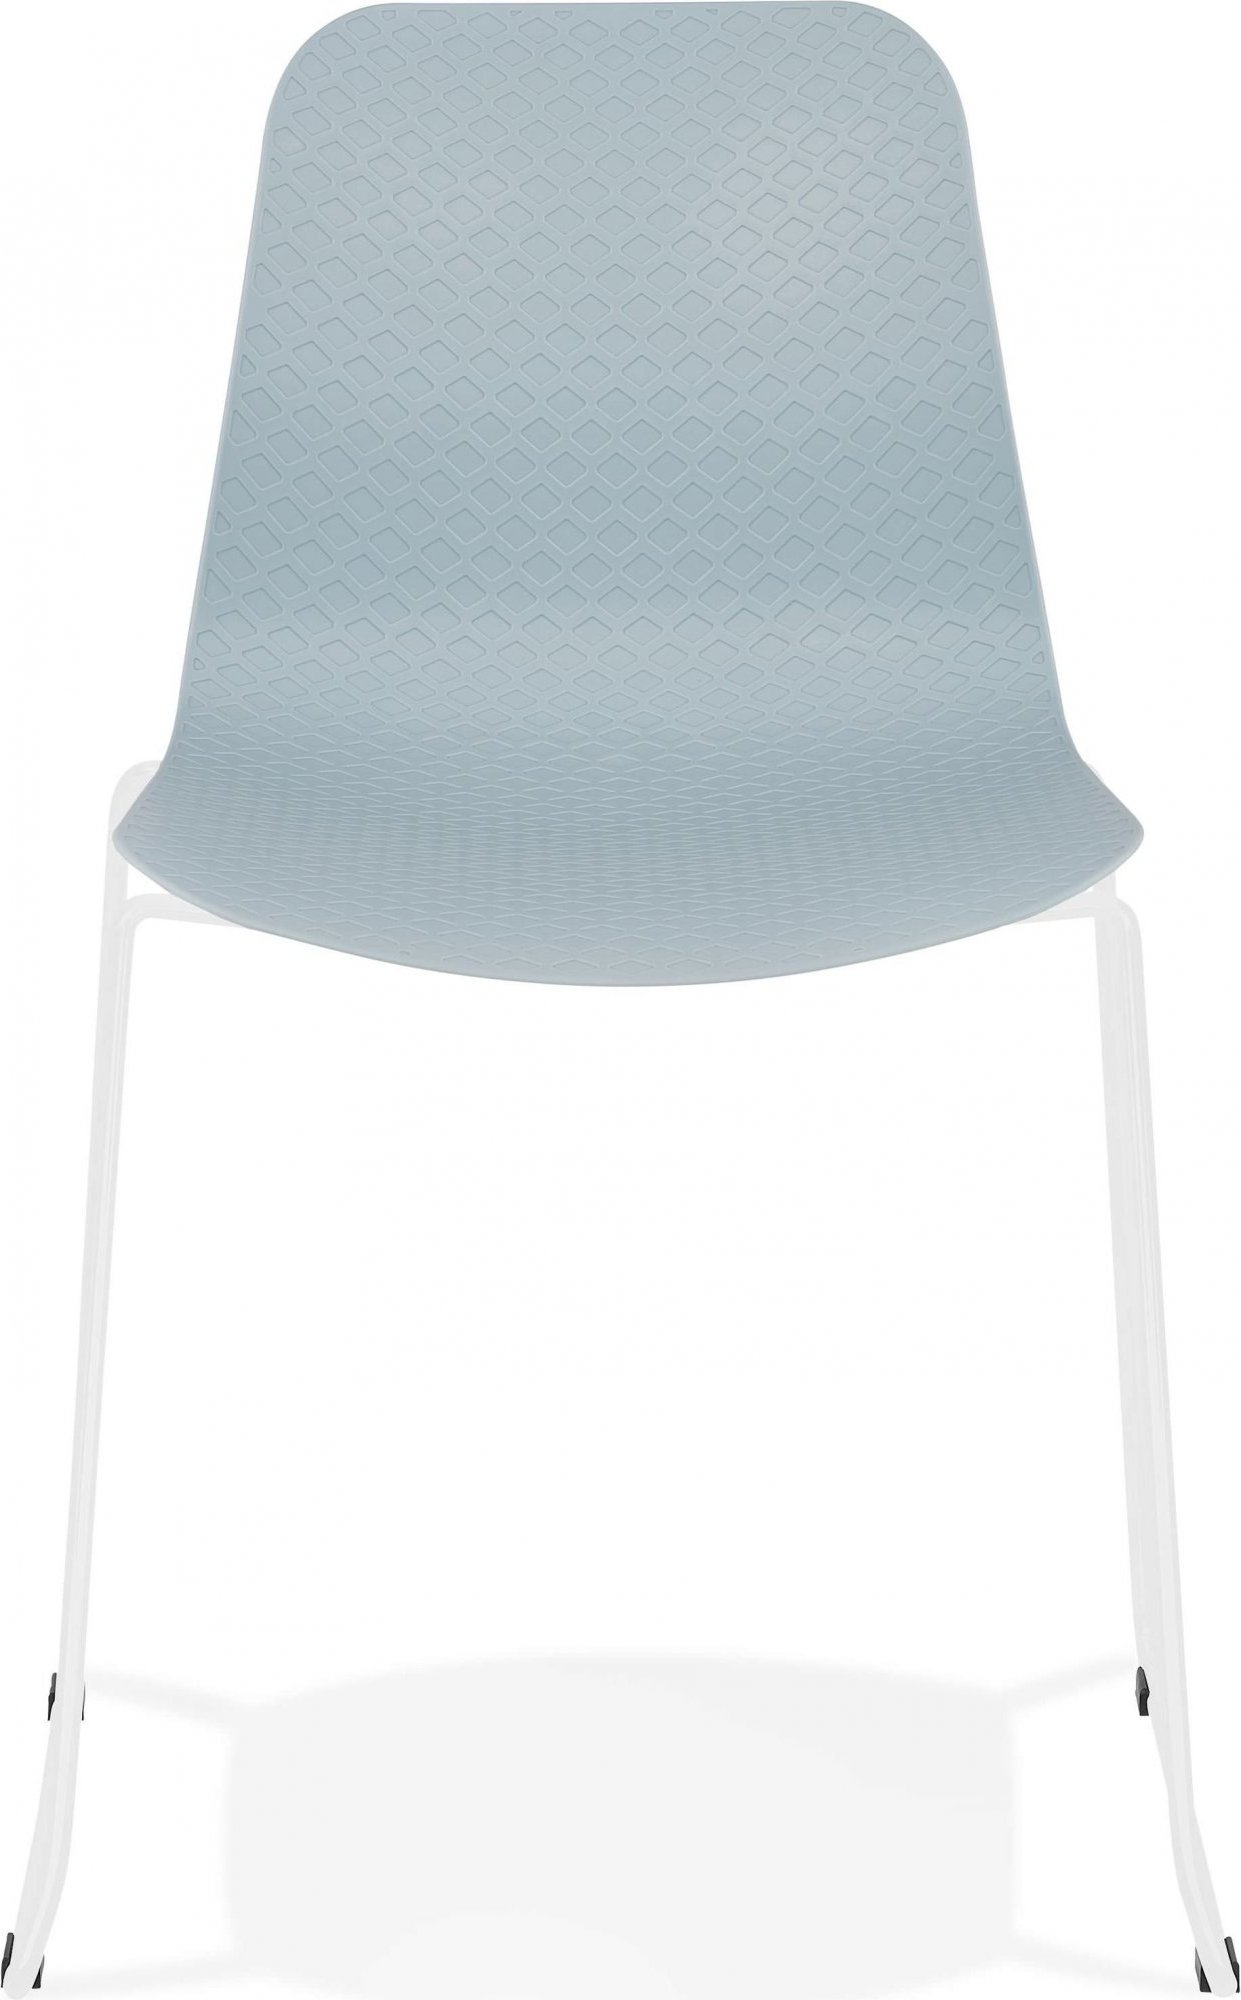 Chaise de table design assise couleur bleu pieds blanc